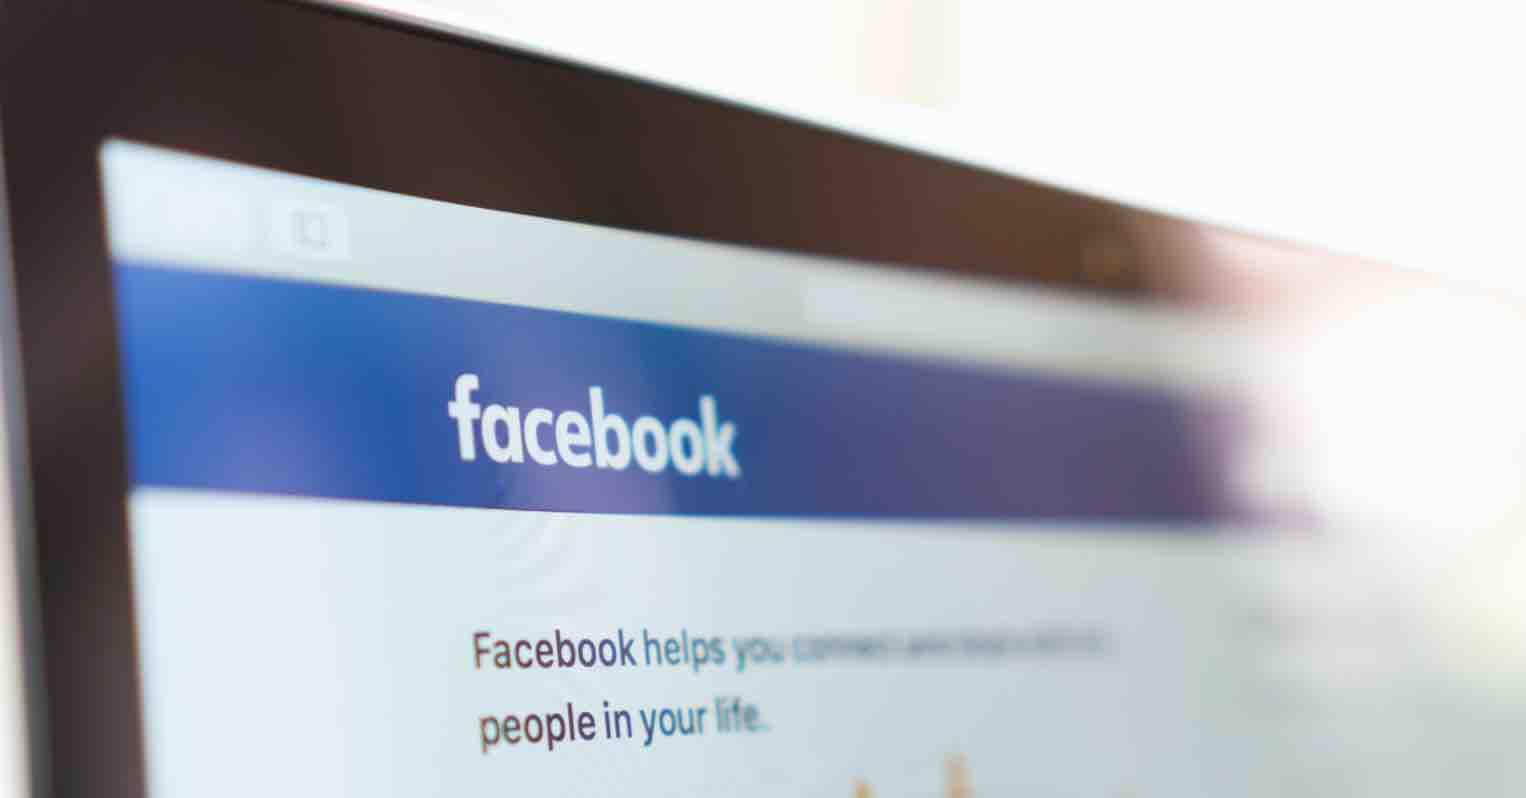 Top 20 hình ảnh vui nhộn facebook khi bình luận tán gẫu, trò